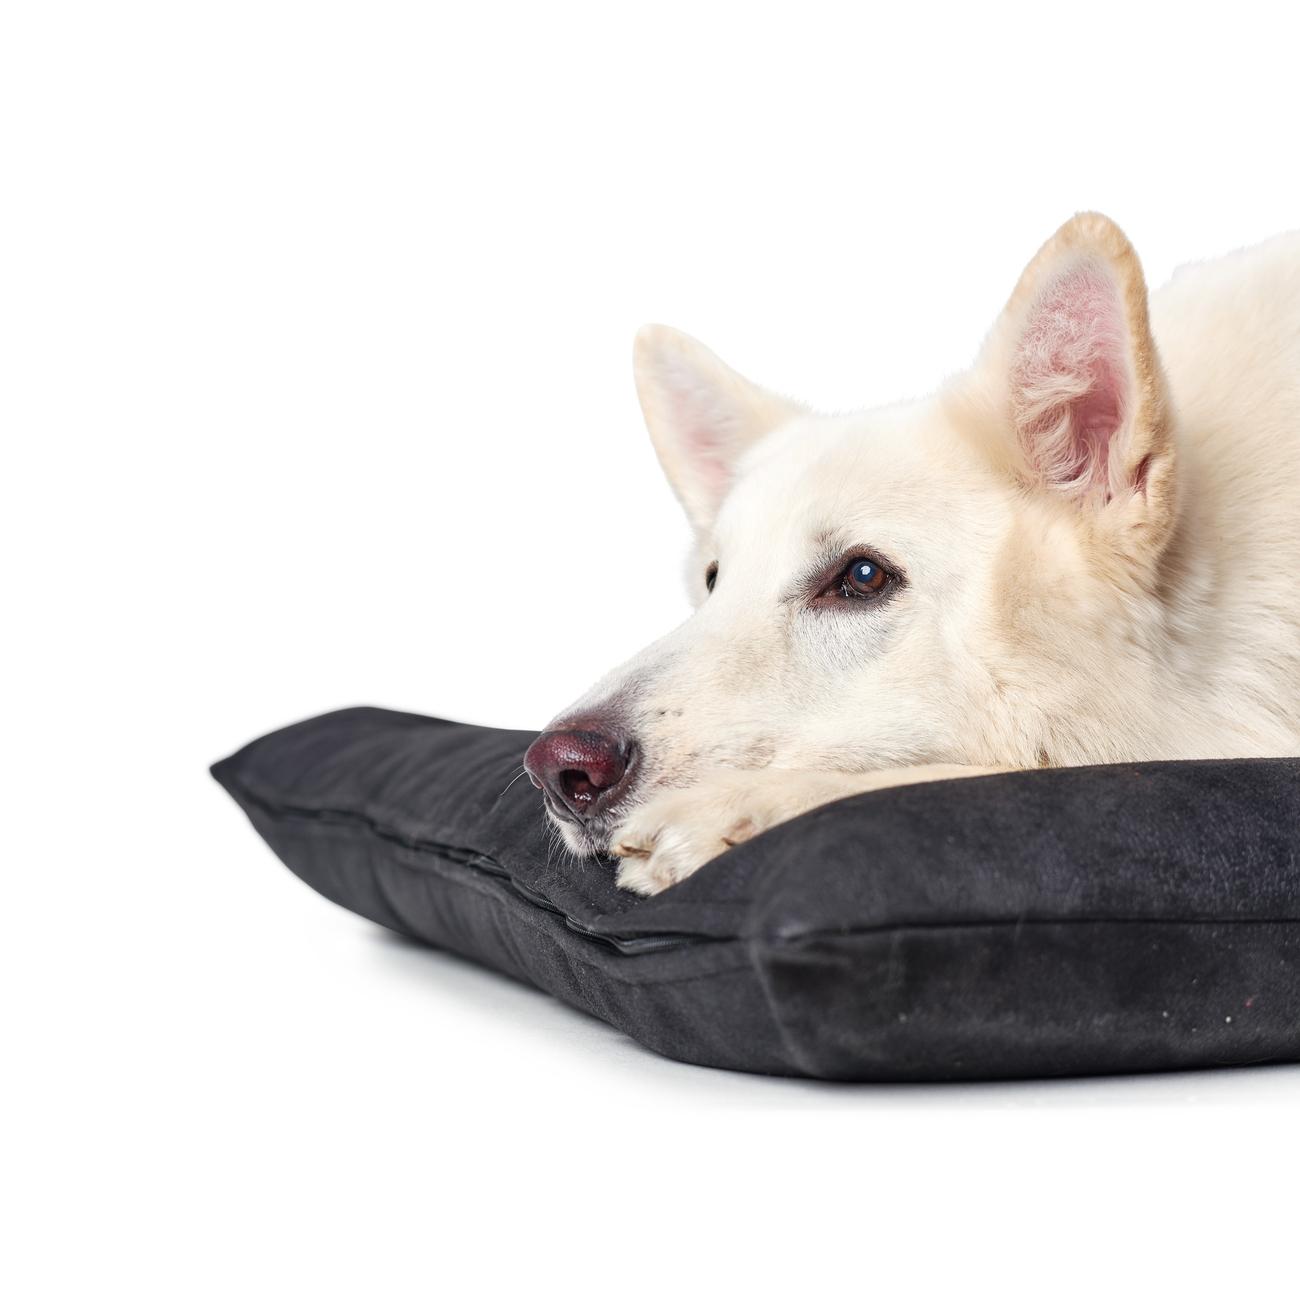 Hunter Hundebett Hundematte Bologna Kunstleder 67189, Bild 13